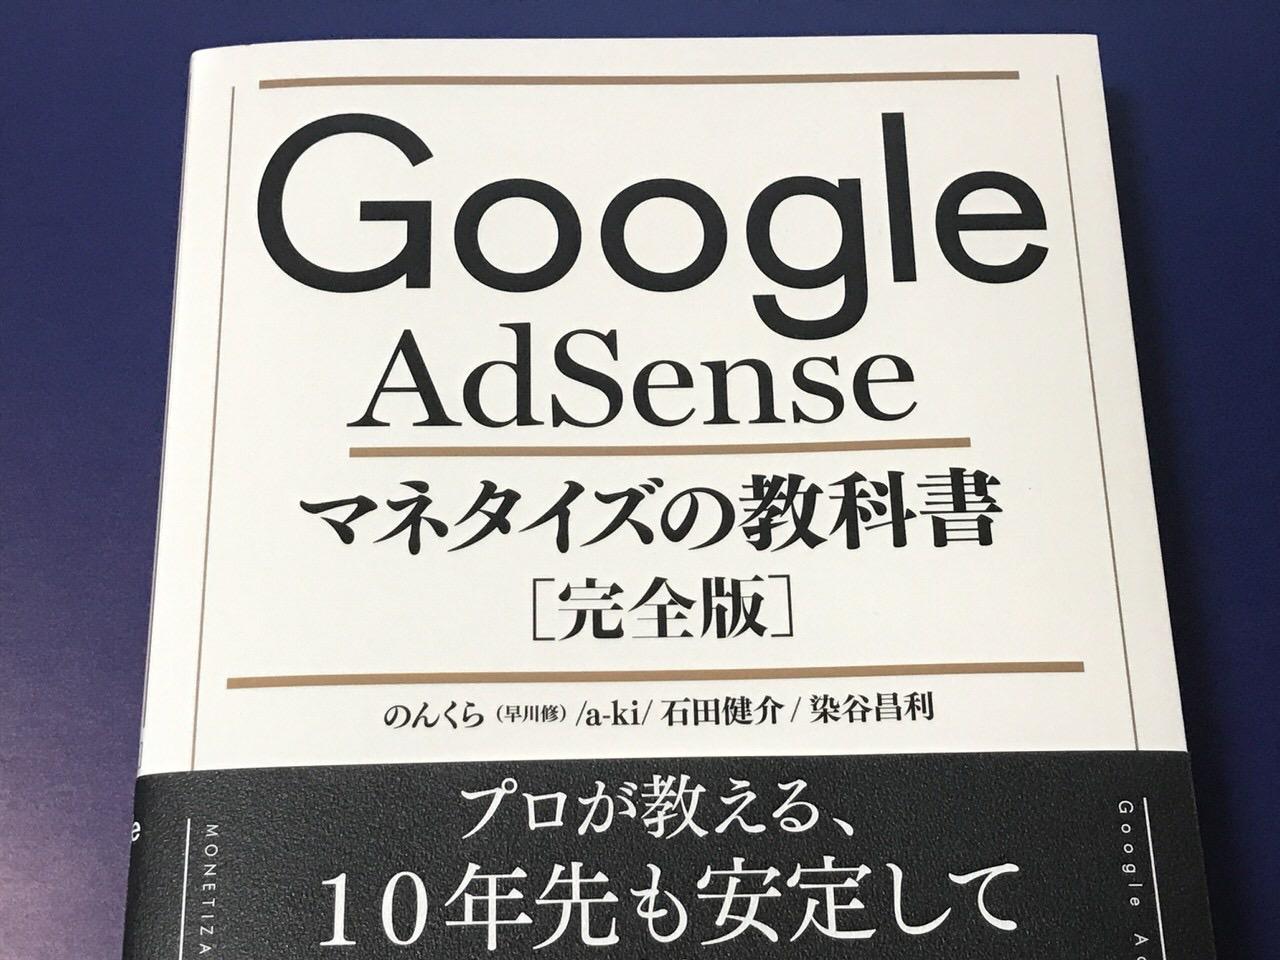 【書評】「Google AdSense マネタイズの教科書」(のんくら/a-ki/石田健介/染谷昌利)